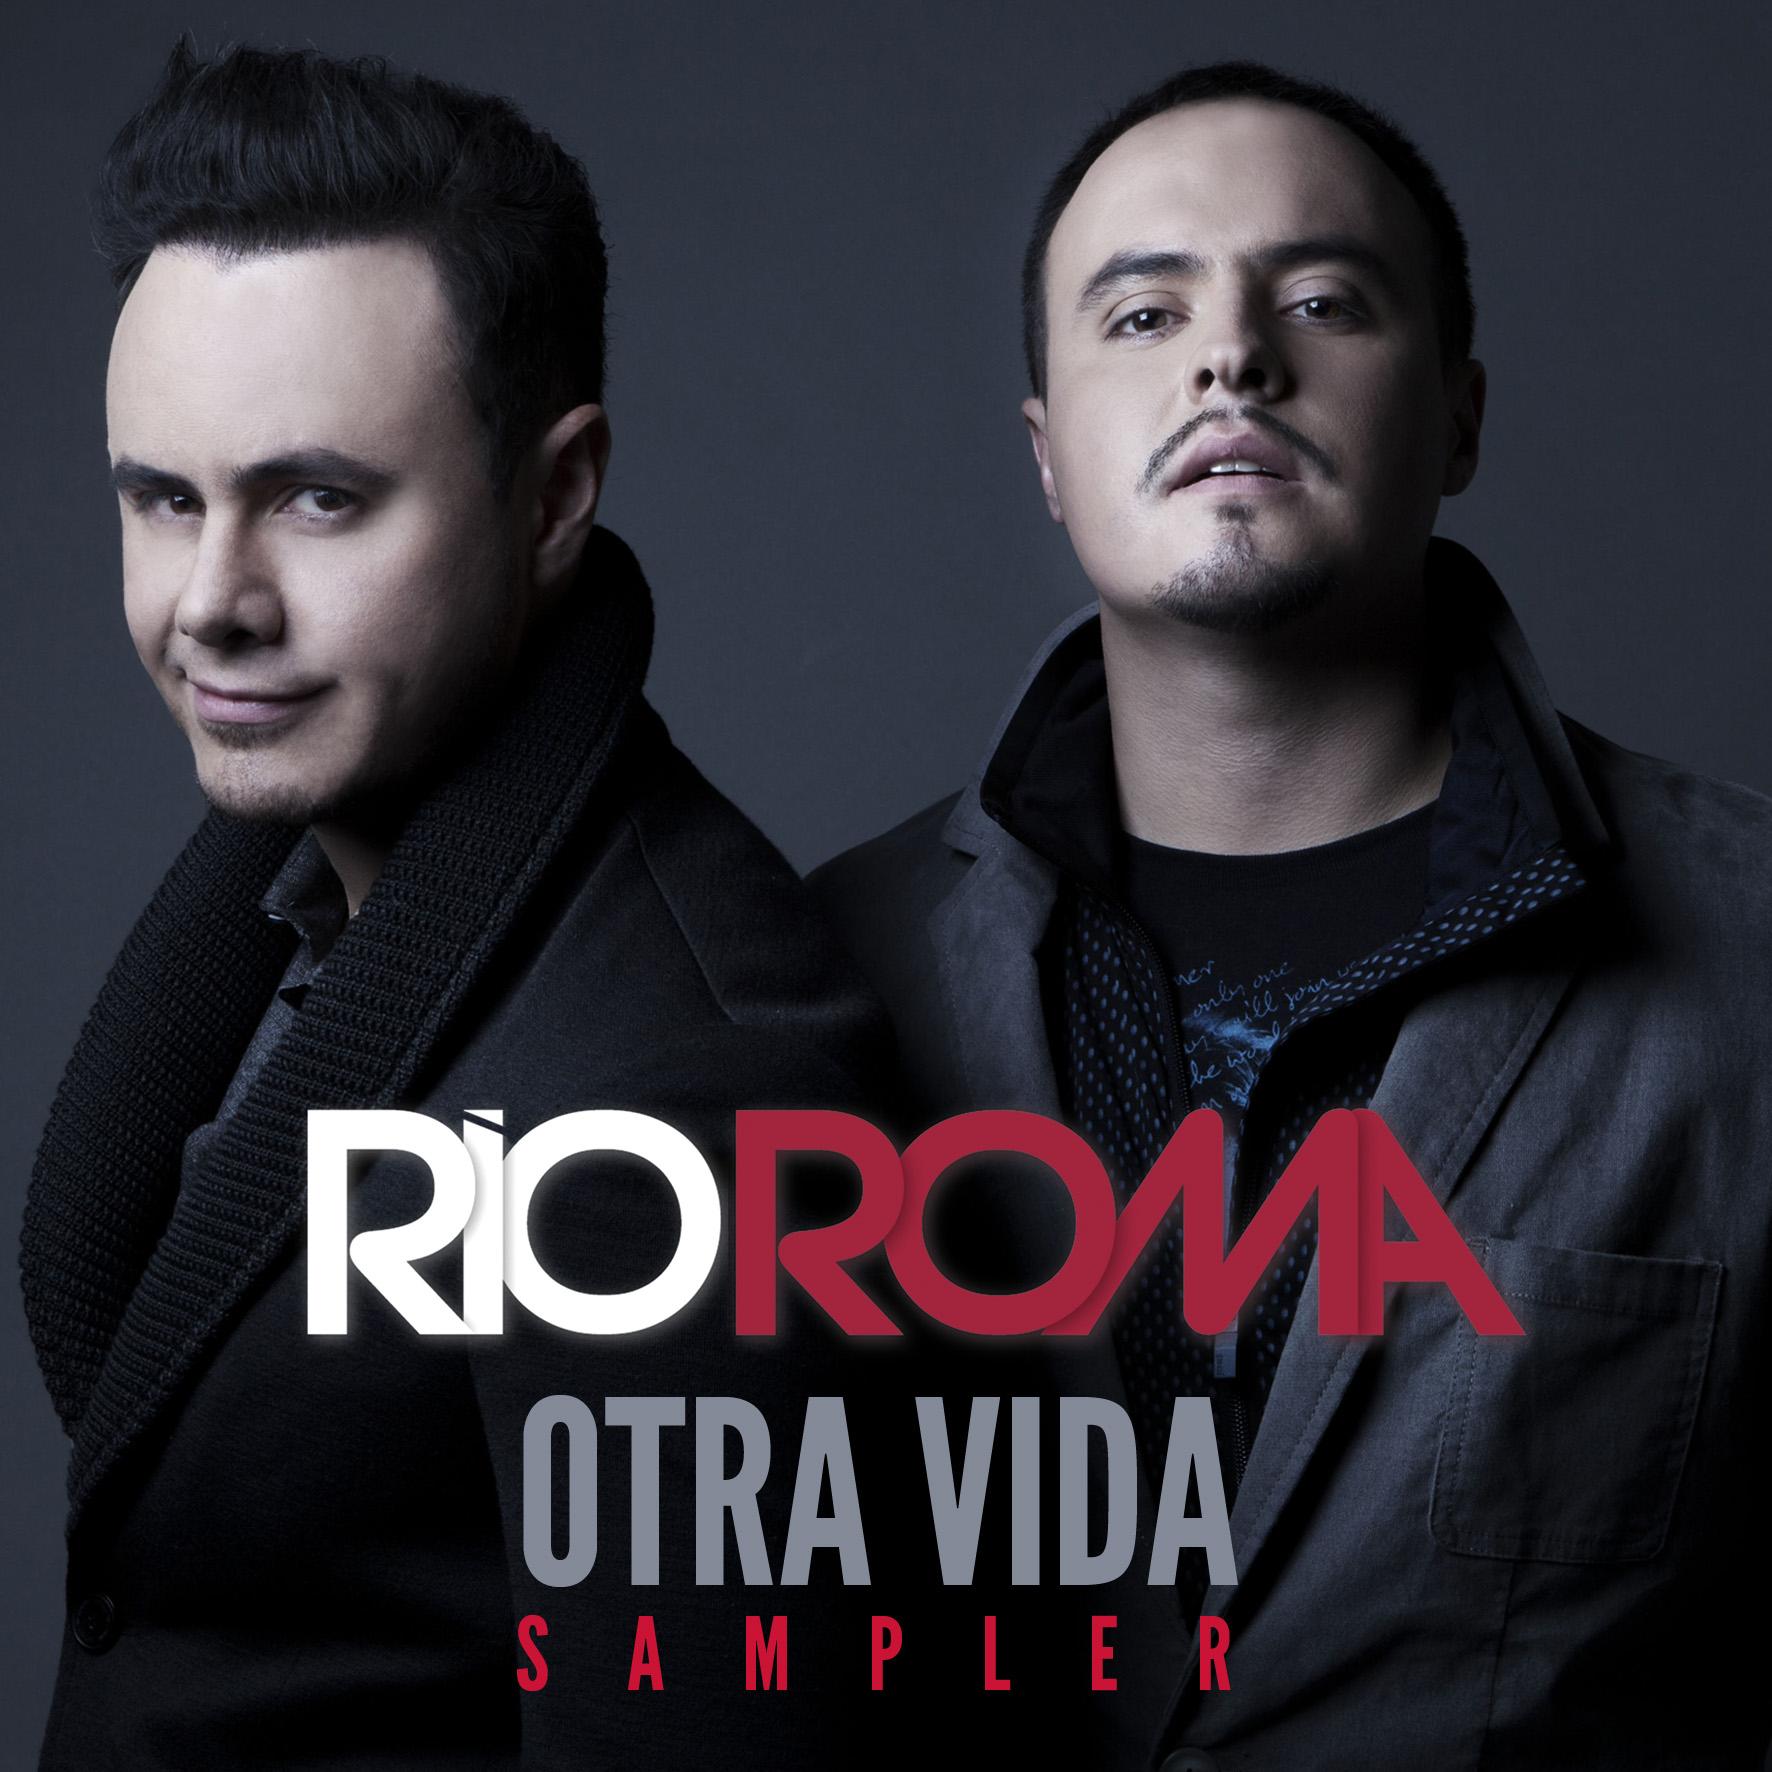 Rio-Roma-Otra-Vida-Sampler